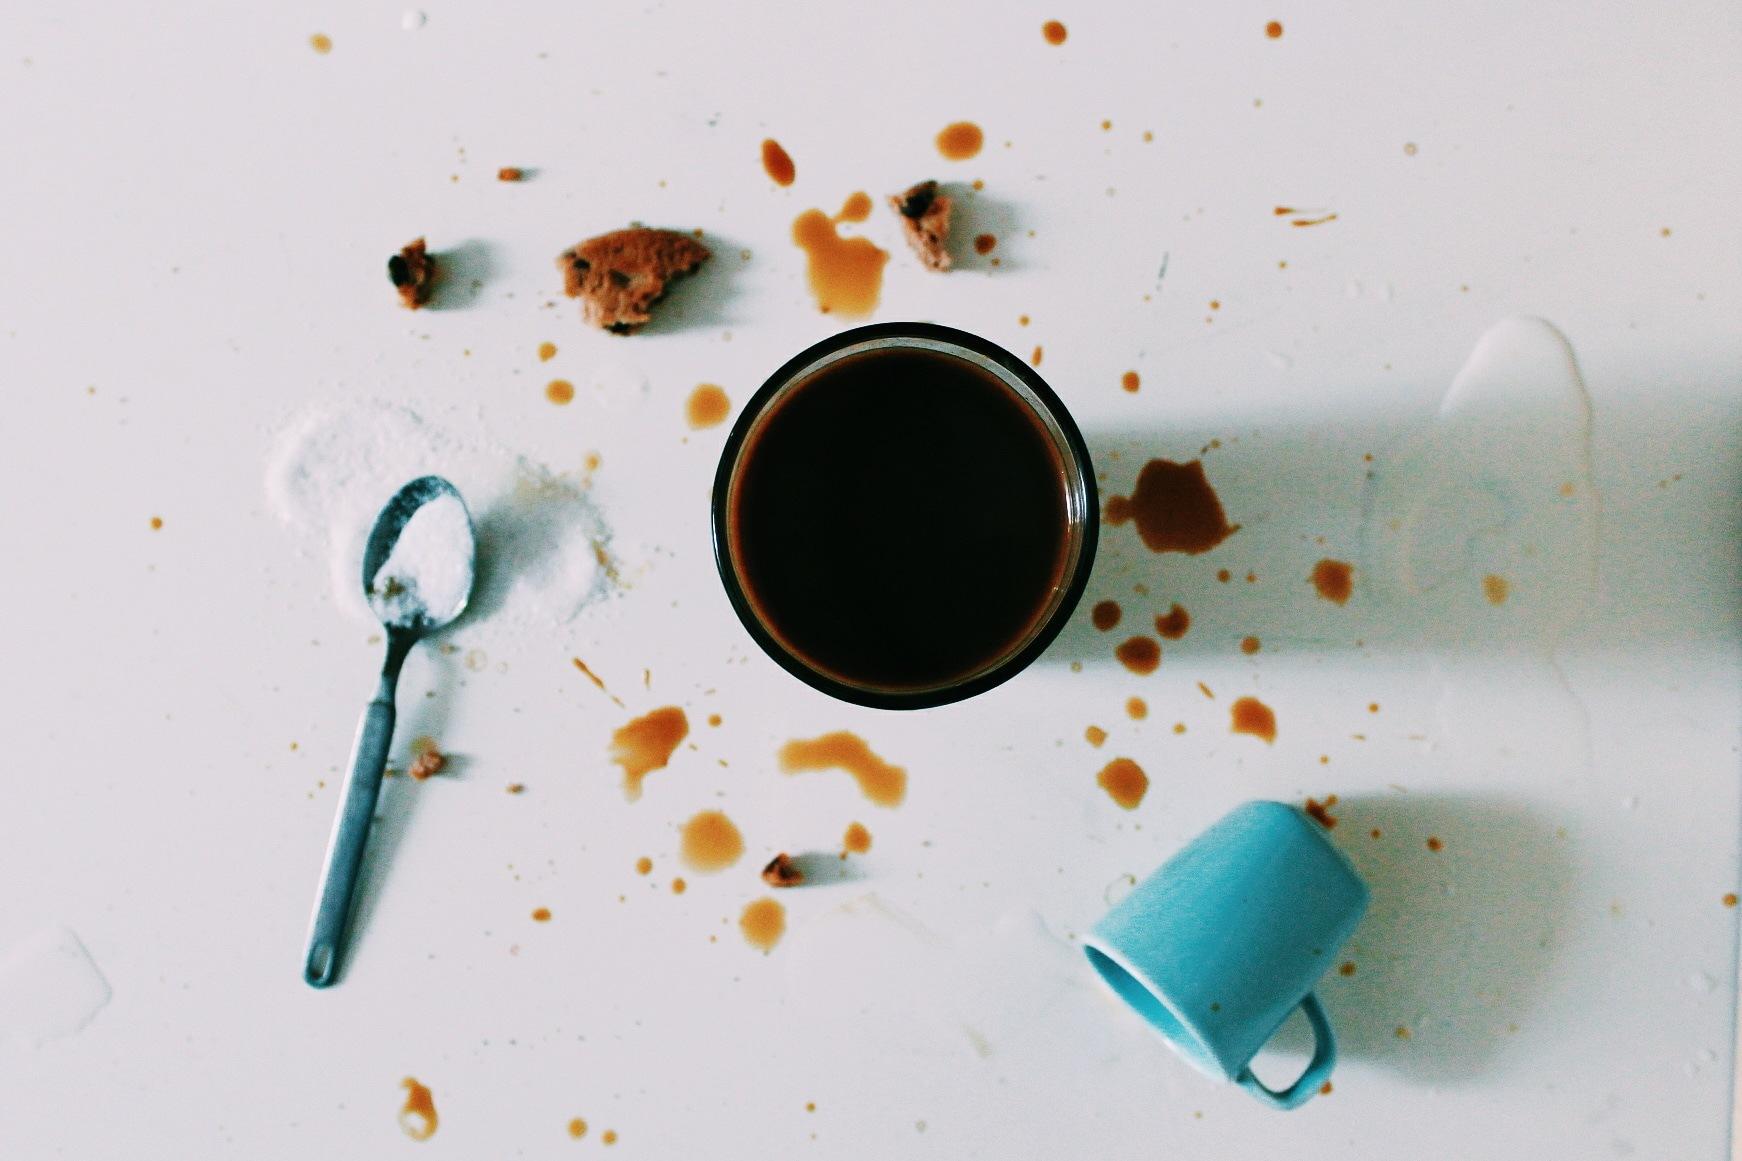 coffe mess by rimeczga